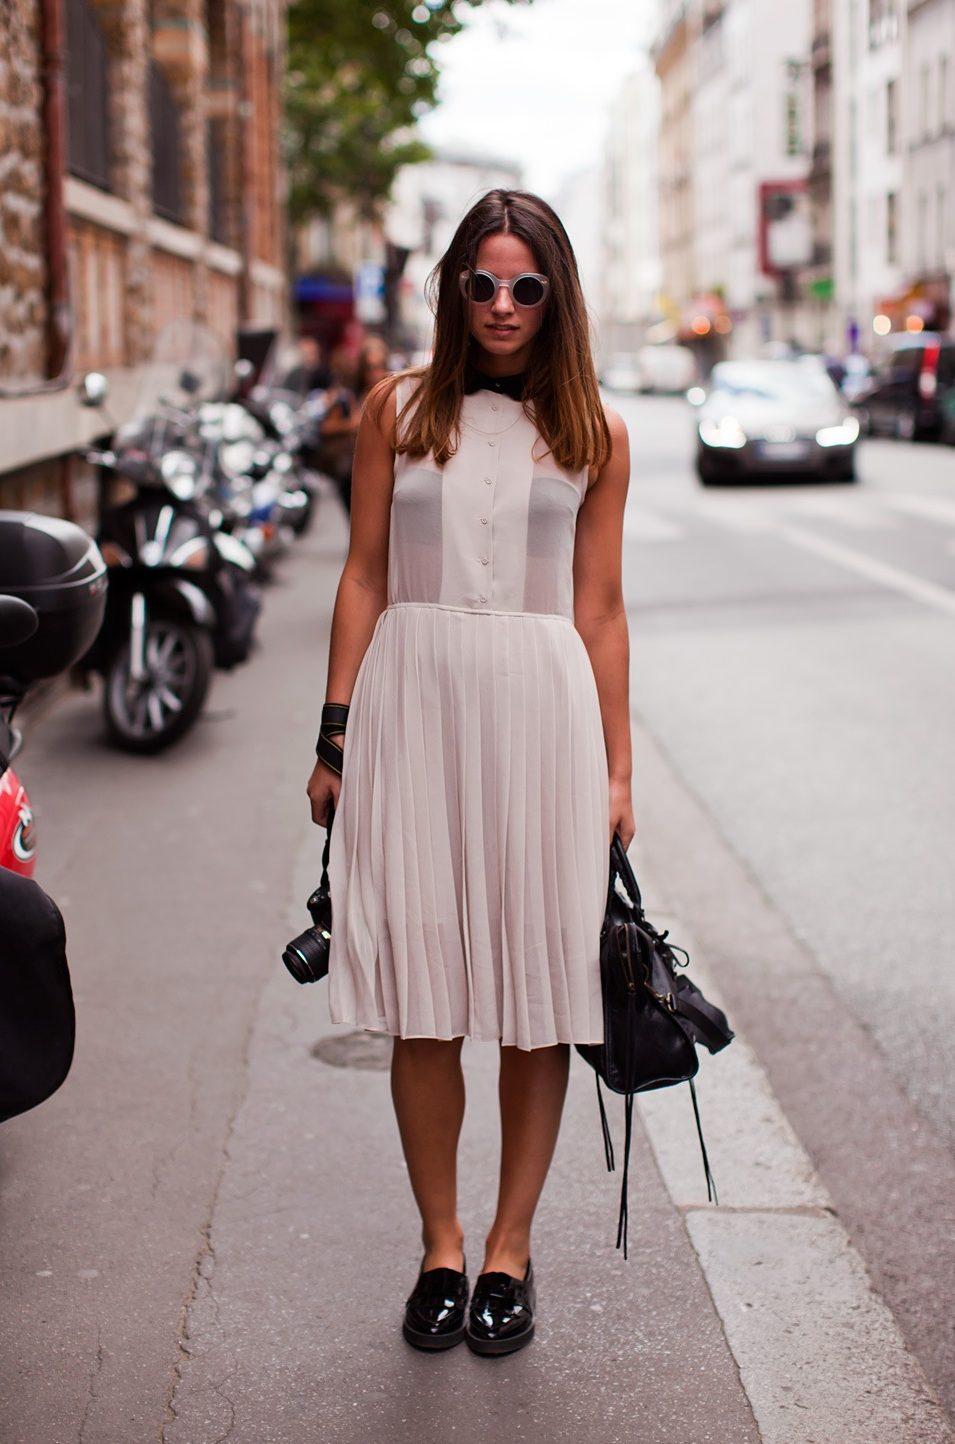 Элегантное сочетание с воздушным платьем